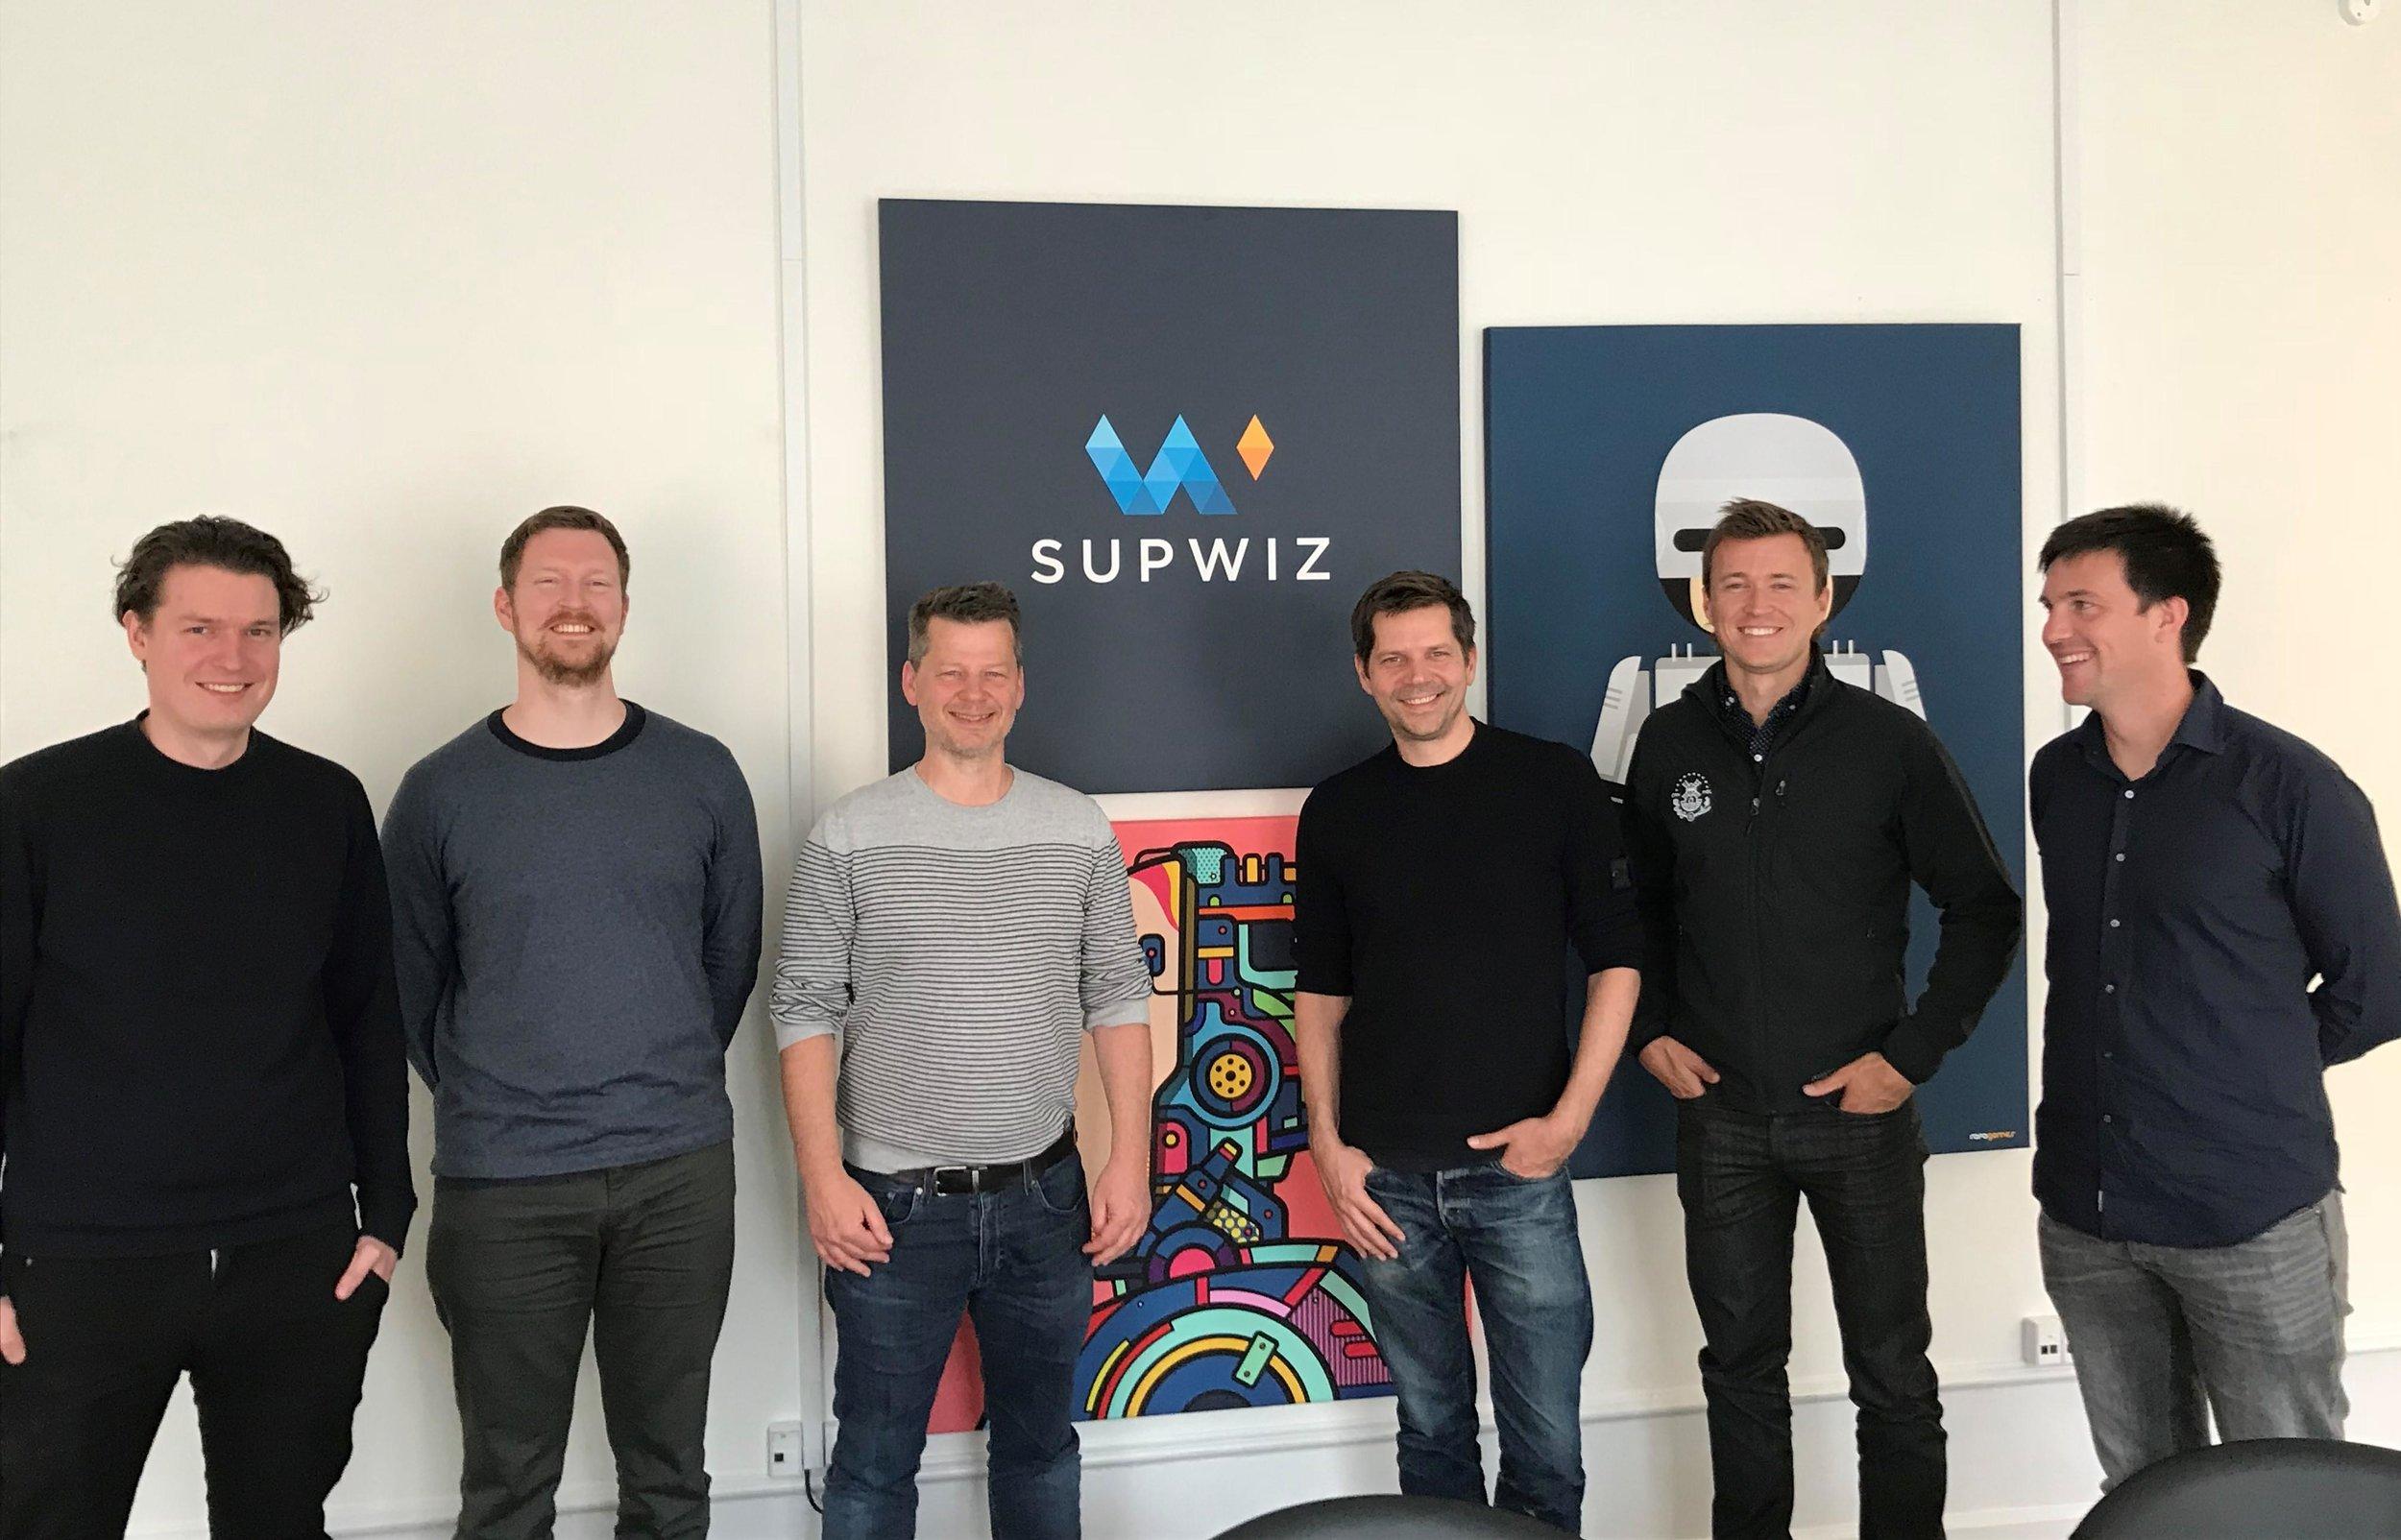 Left-to-right: SupWiz co-founders Mathias Knudsen, Søren Dahlgaard and Stephen Alstrup. Zendesk co-founder Morten Primdahl, Zendesk VP & GM Jason Maynard, Zendesk Data Scientist Chris Hausler